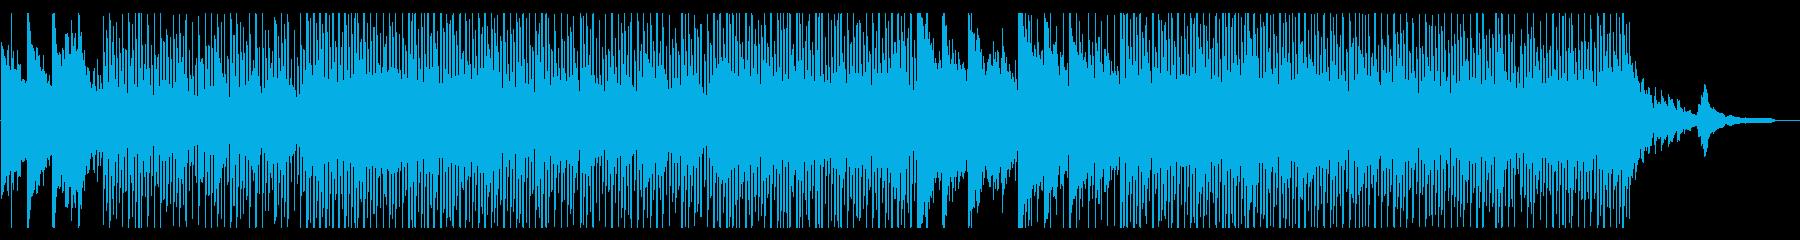 少しテンポ遅めの明るいコーポレートの再生済みの波形